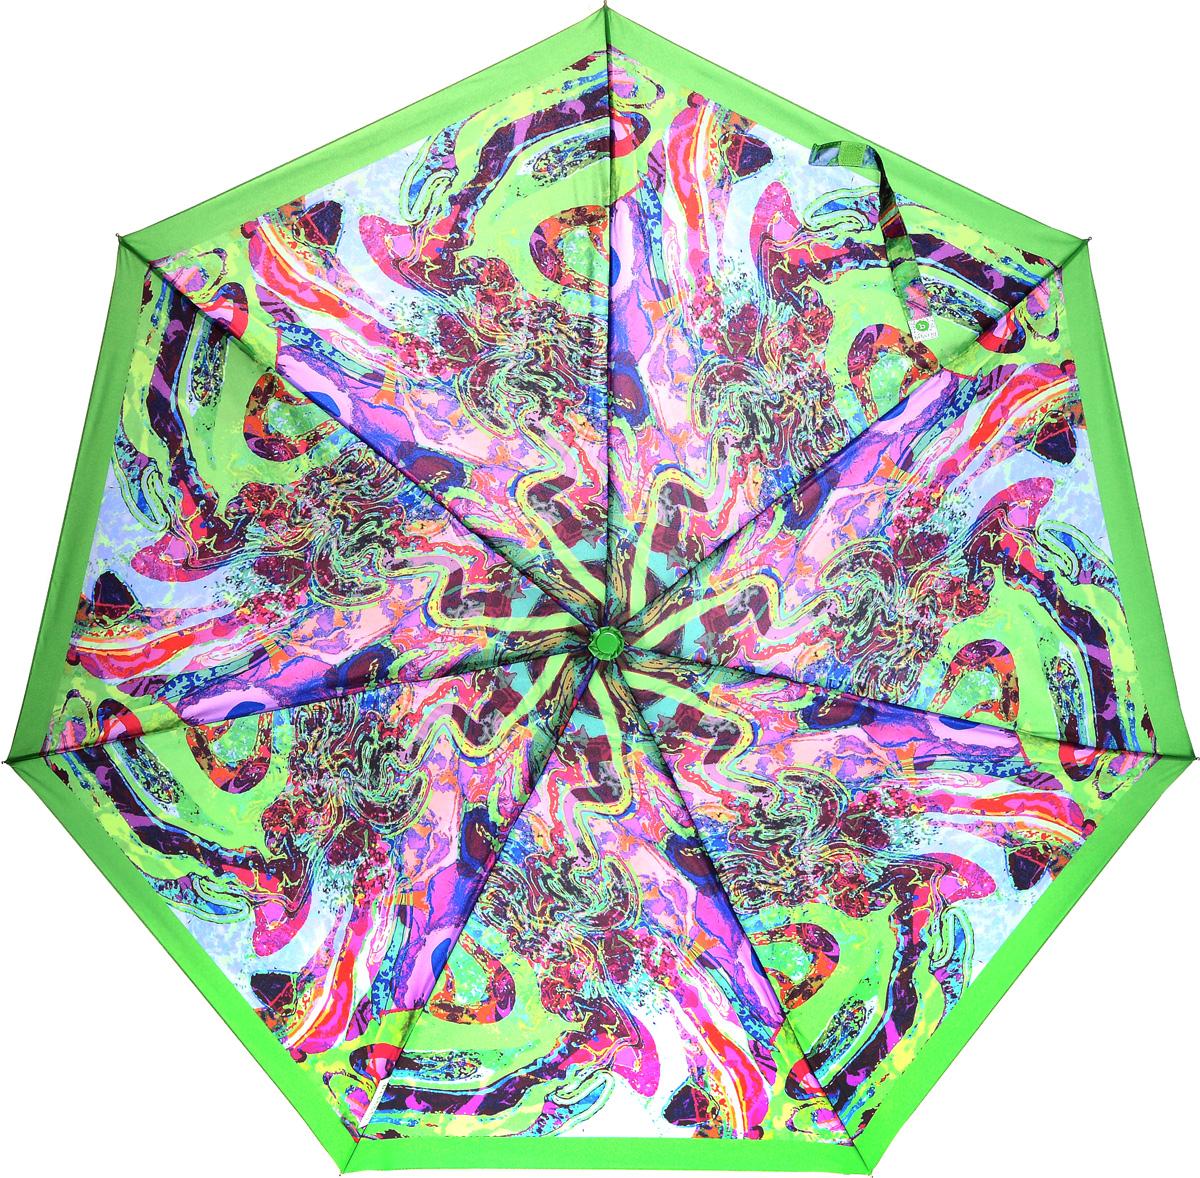 Bisetti 35153-2 Зонт полный автом. 3 сл. жен.П300020005-20Зонт испанского производителя Clima. В производстве зонтов используются современные материалы, что делает зонты легкими, но в то же время крепкими.Полный автомат, 3 сложения, 8 спиц по 54см, полиэстер.